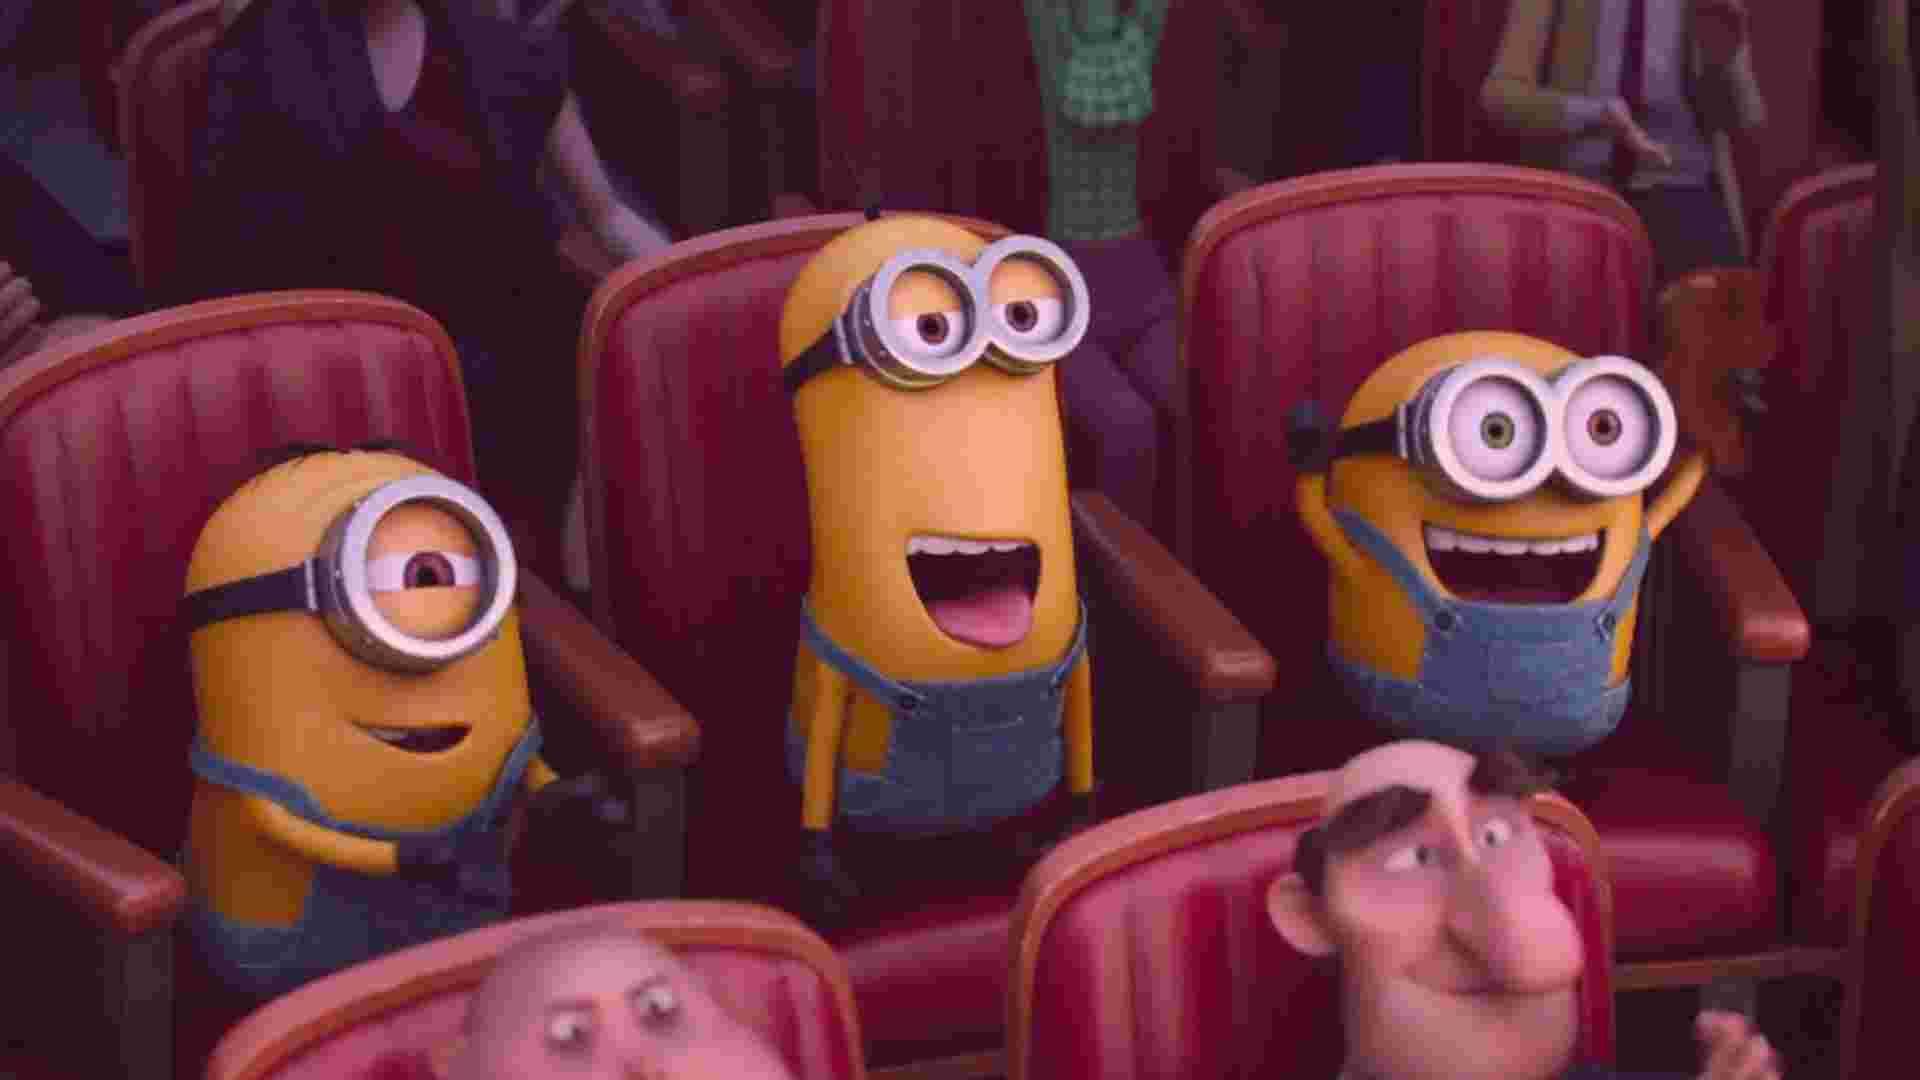 minions-in-movie-theatre